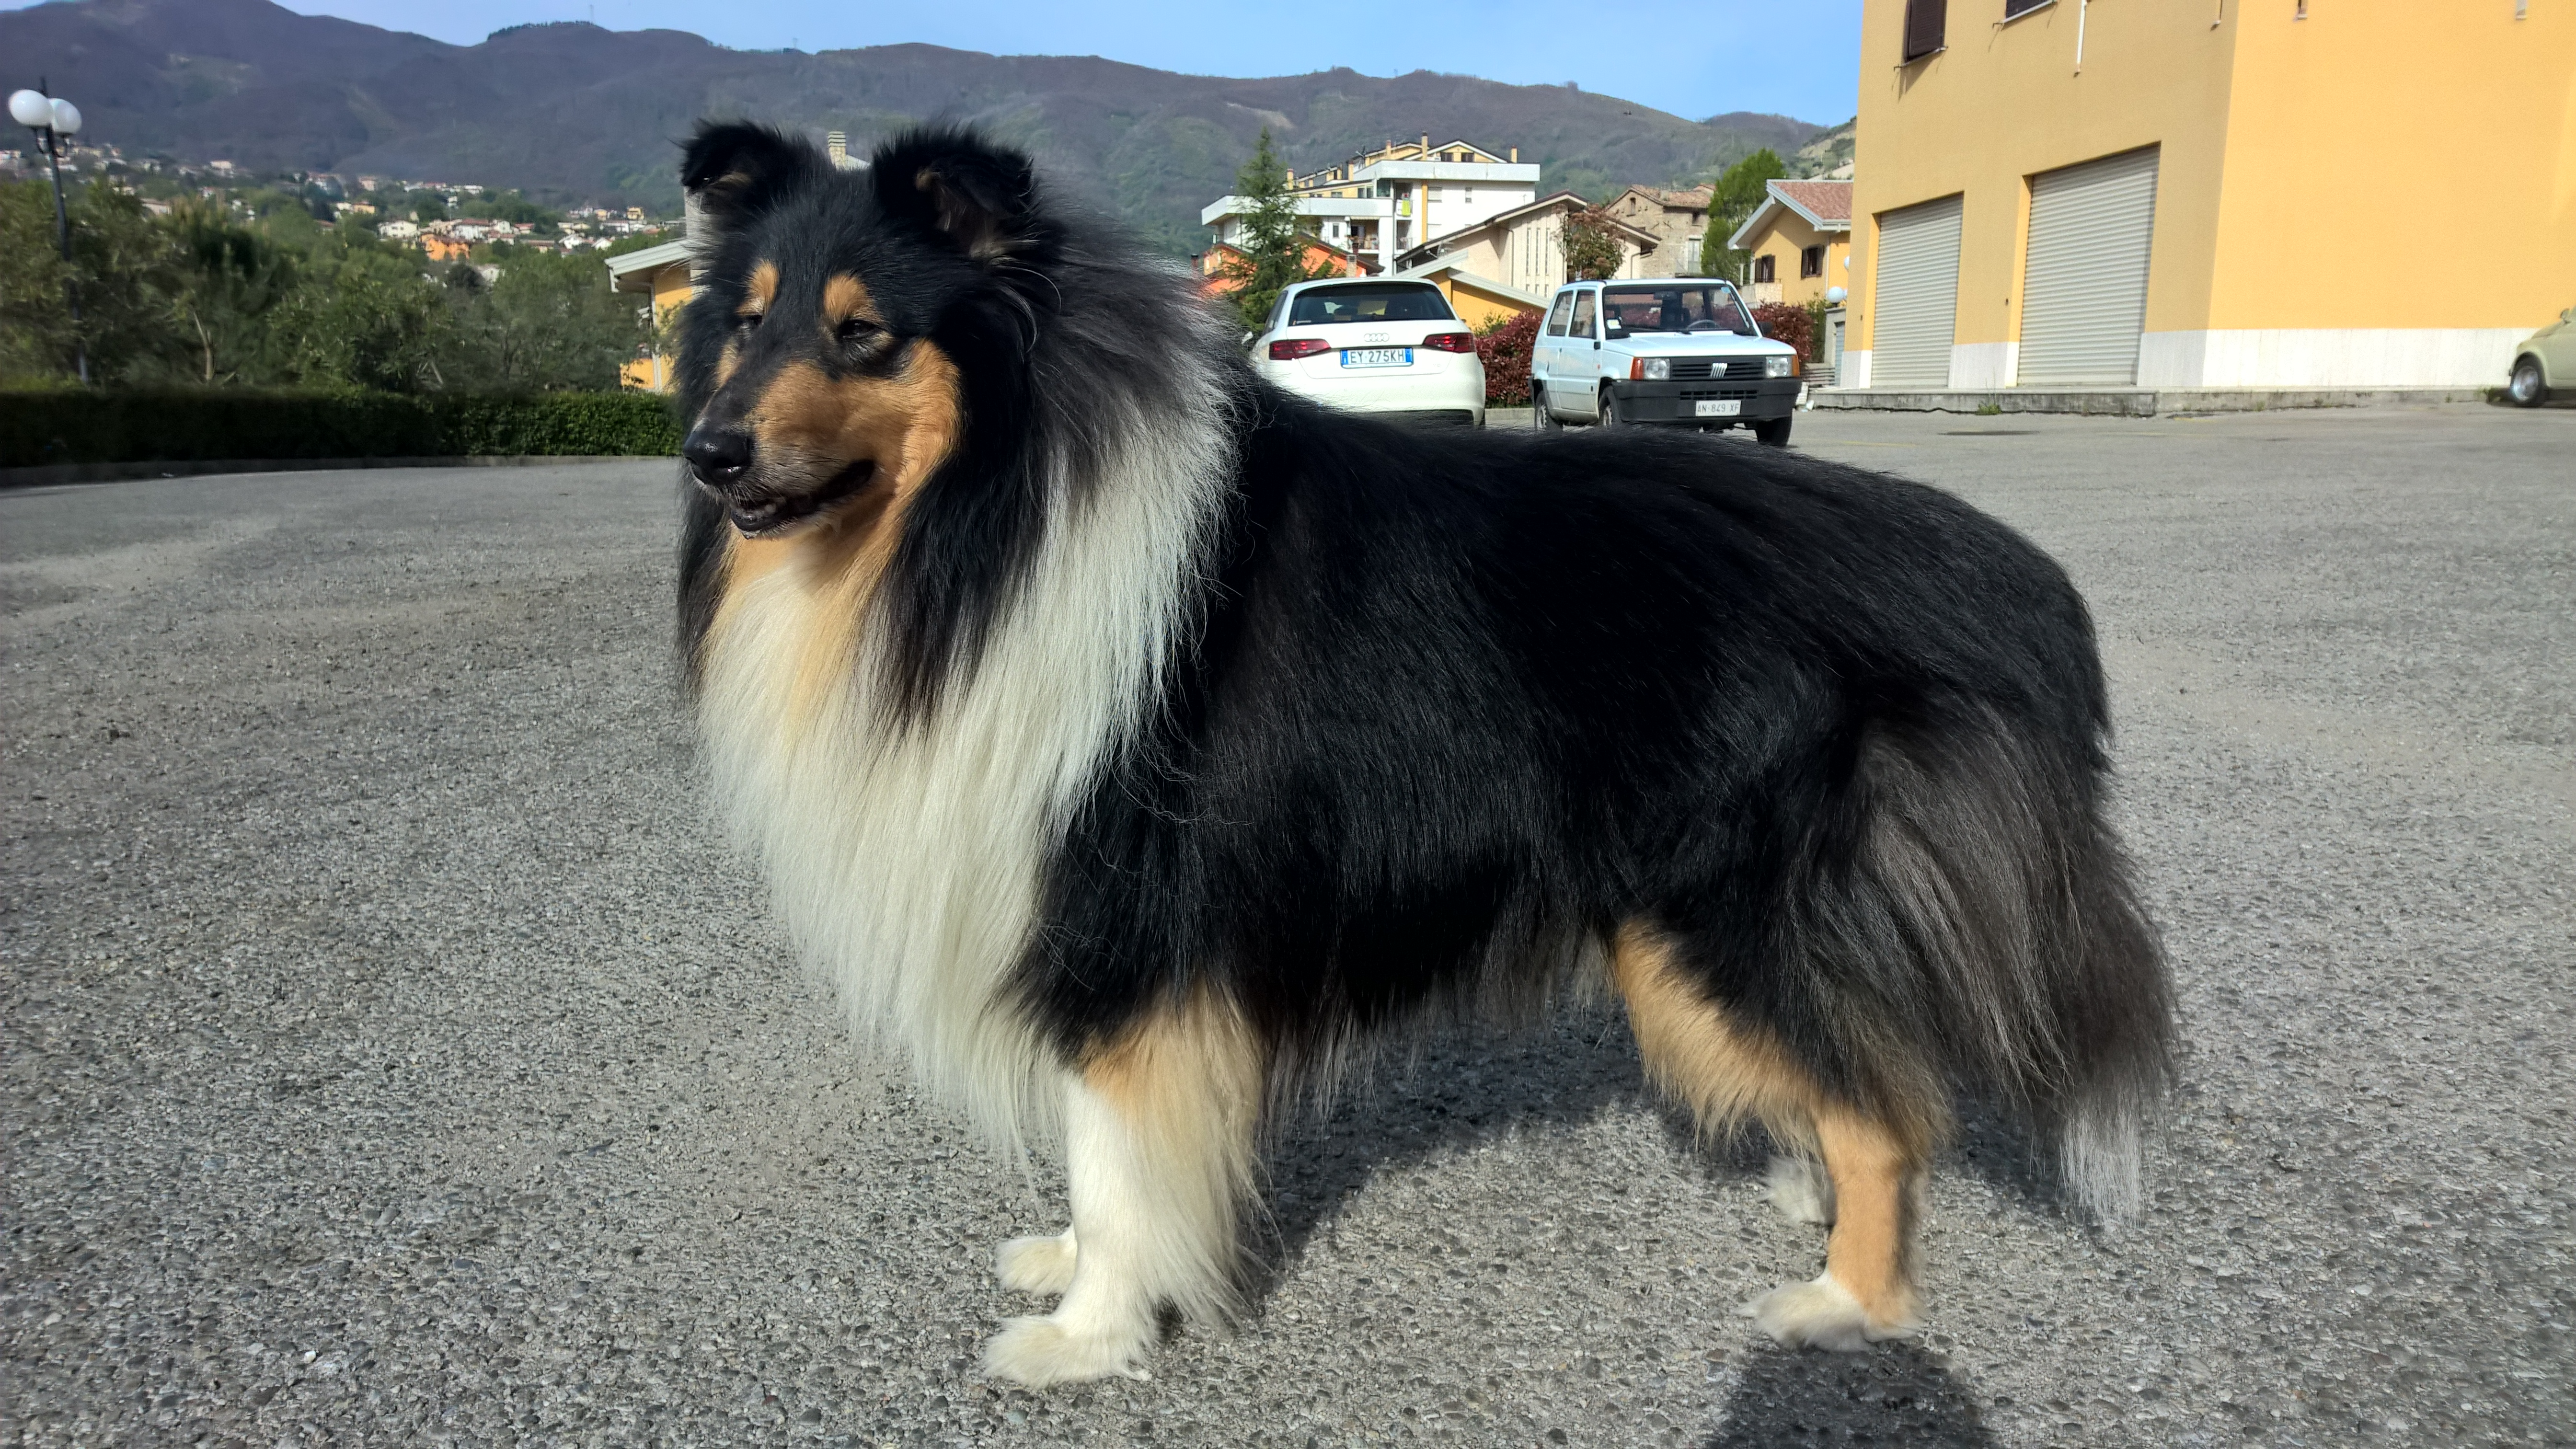 cane da pastore scozzese a pelo lungo - wikiwand